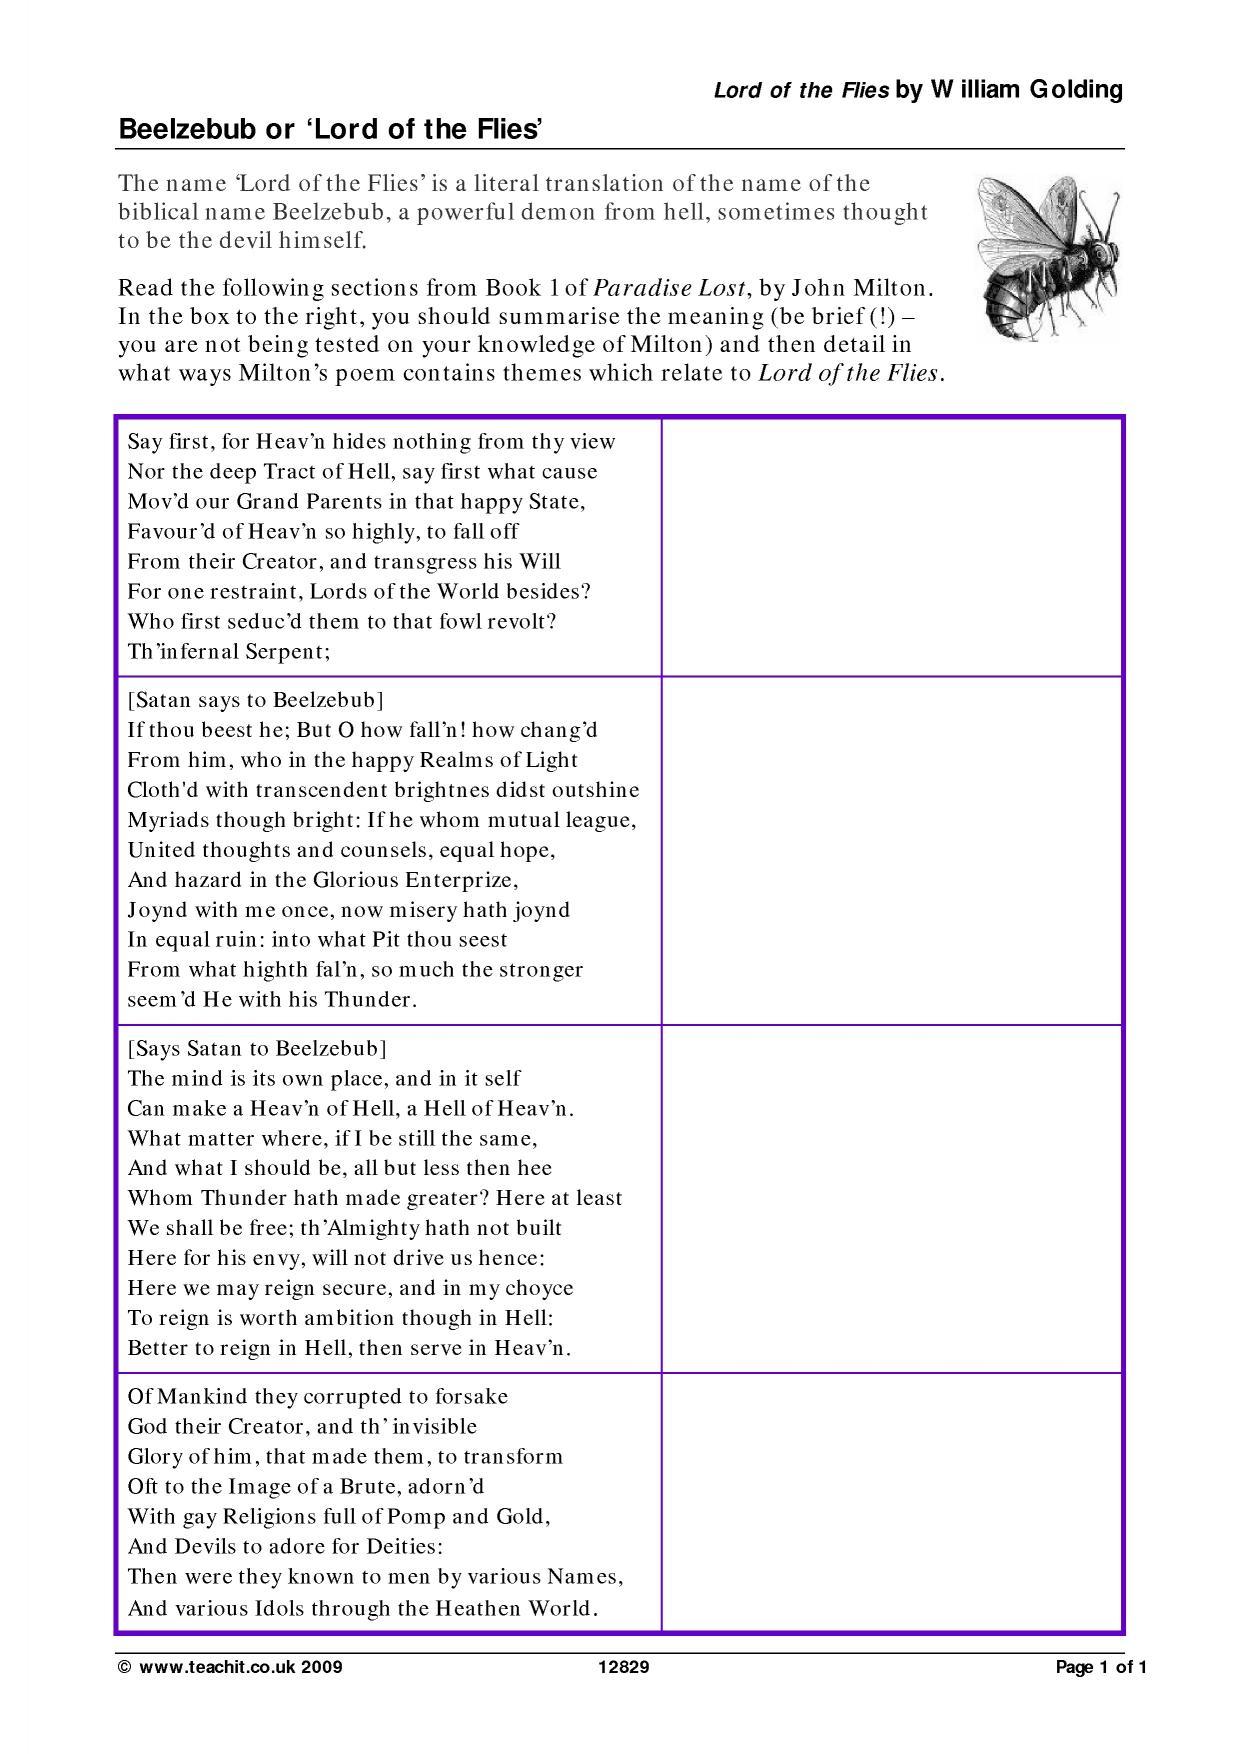 Synonyms Worksheet Ks4